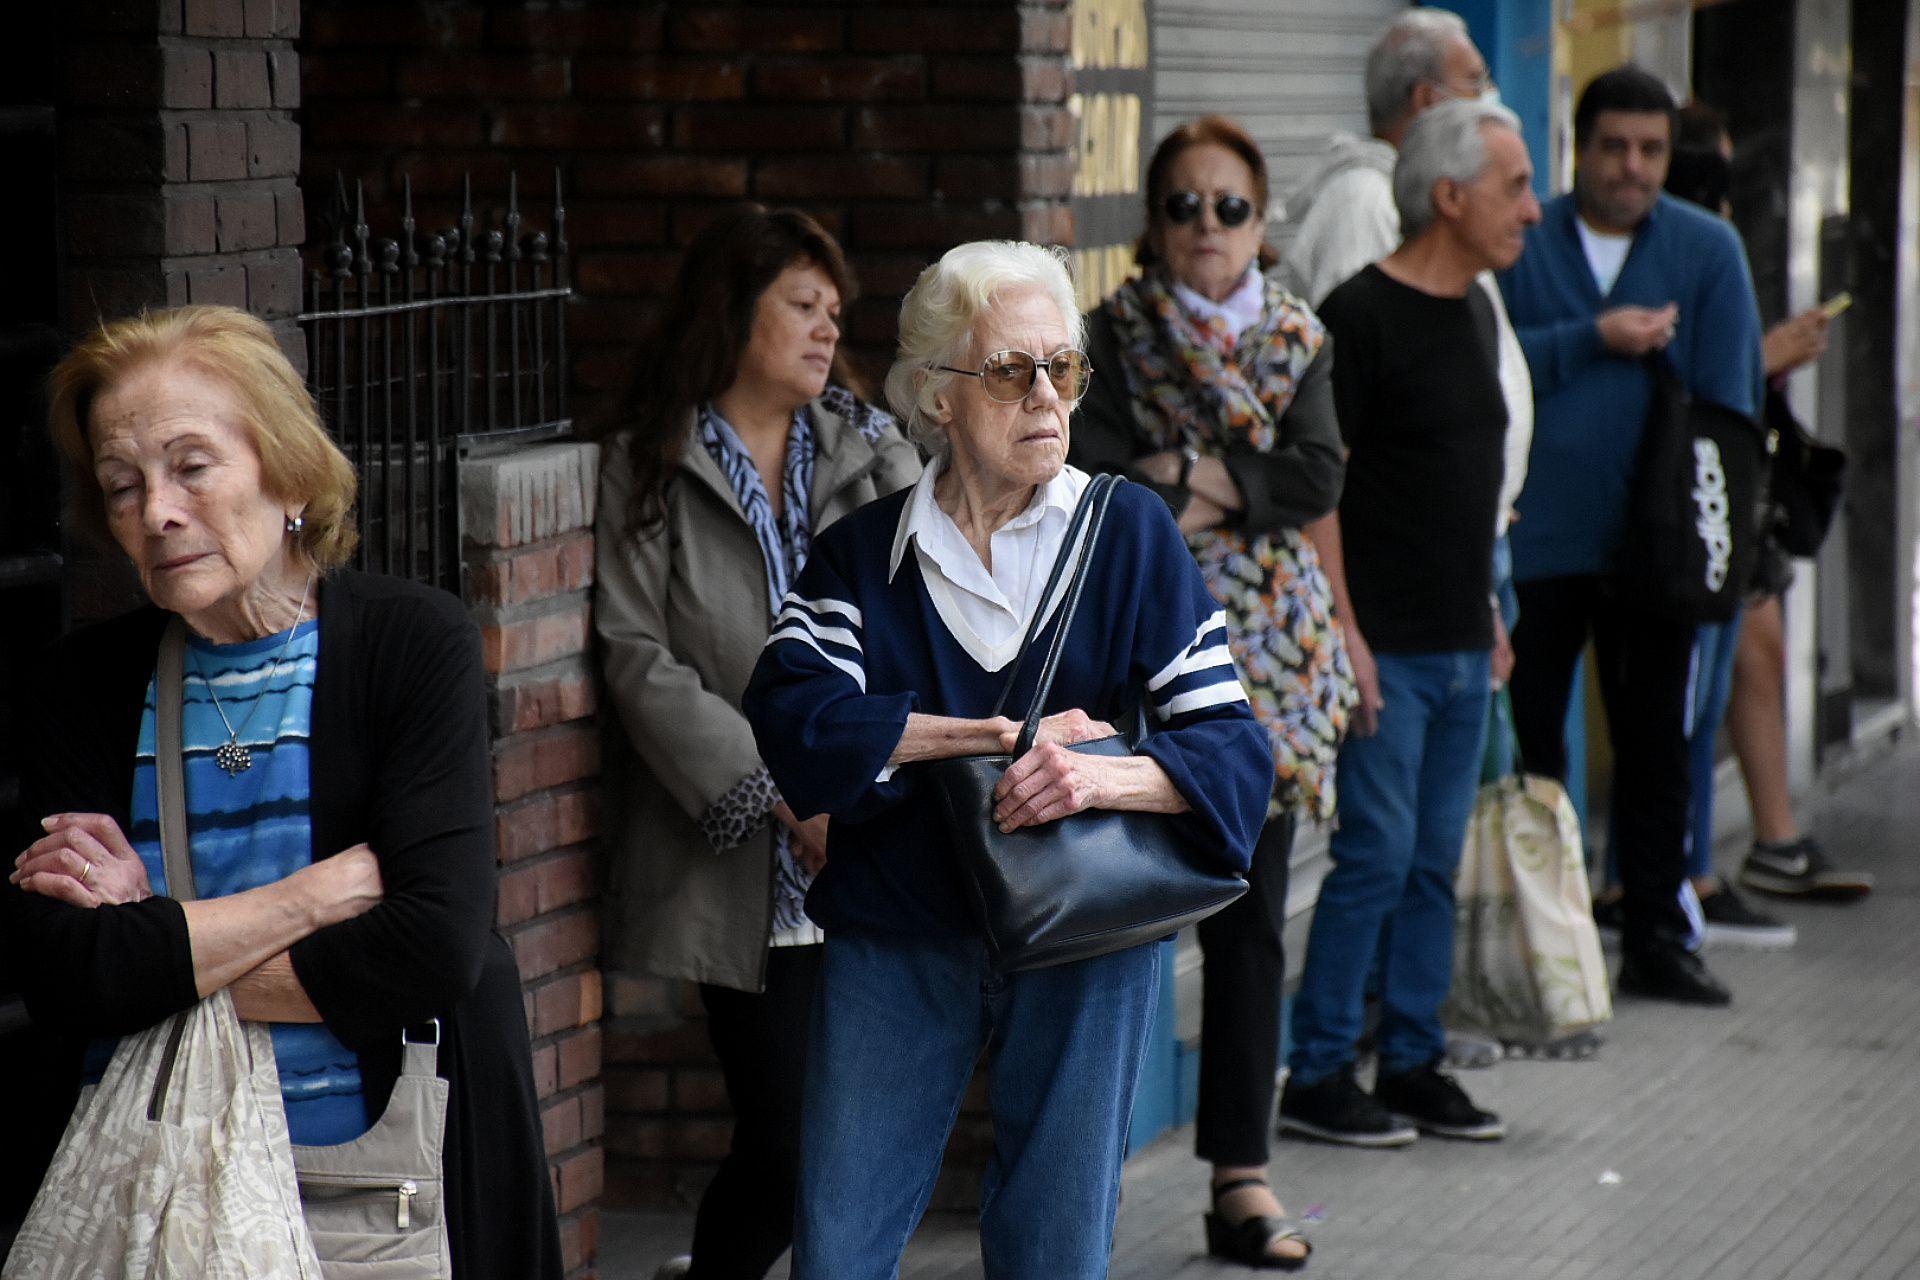 Cobro jubilados cola fila bancos cuarentena baco Caballito